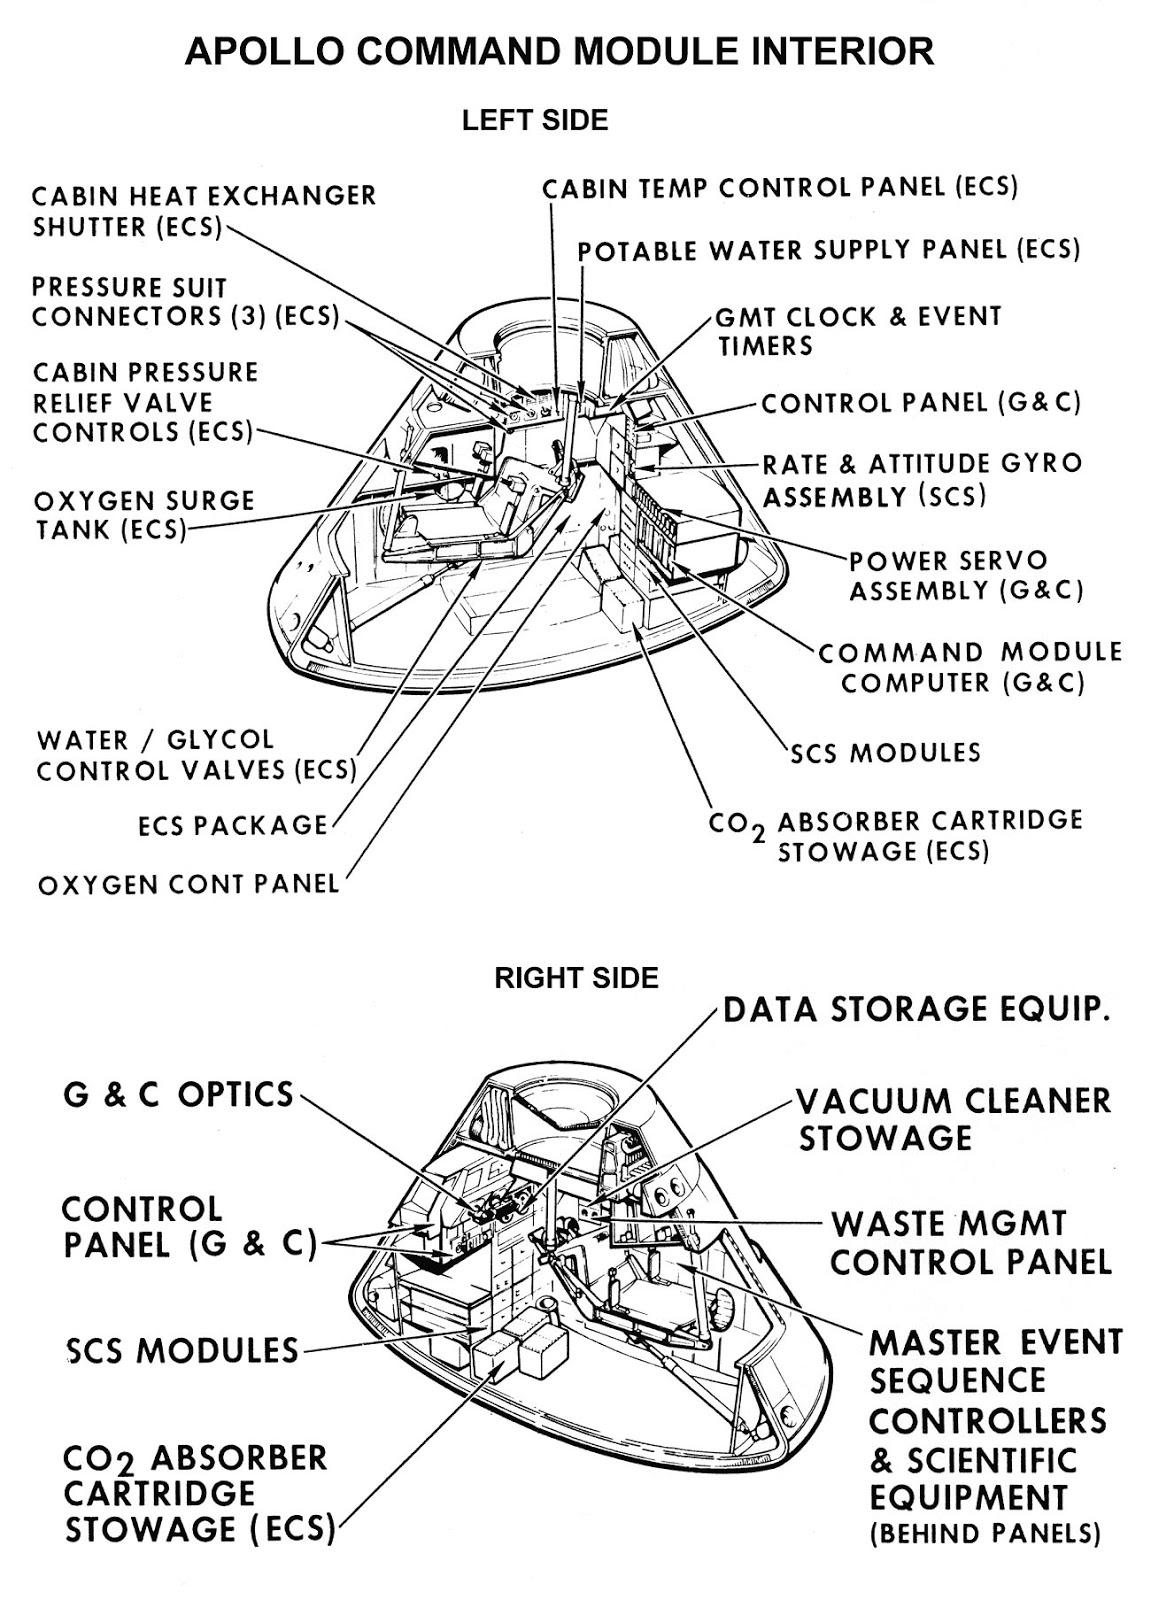 exo cruiser  cm command module  part 11  apollo control systems